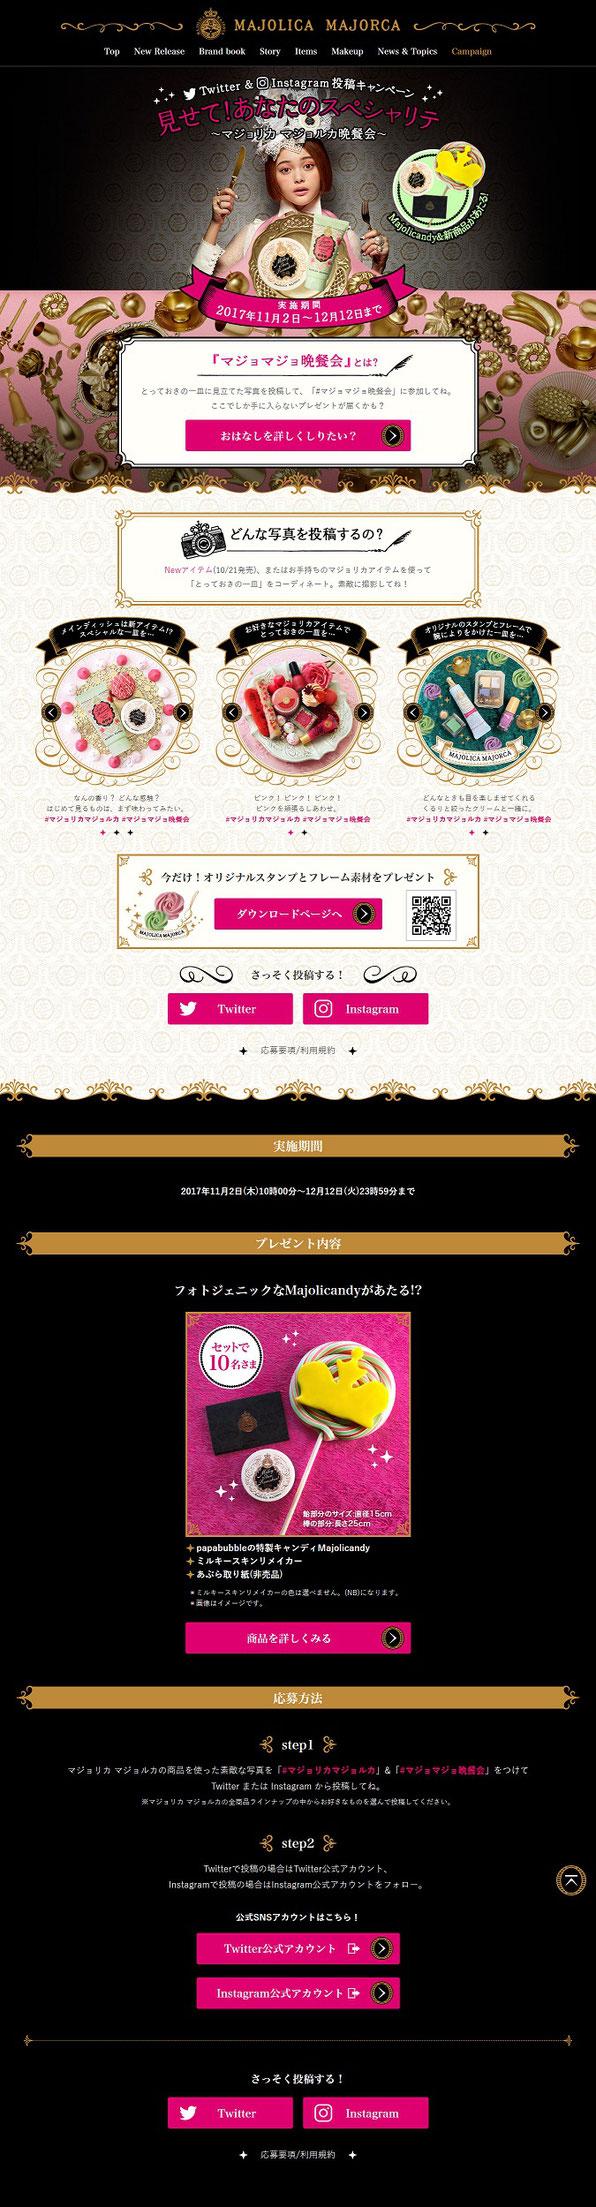 【資生堂】マジョリカマジョルカ晩餐会 Twitter&Instagrumキャンペーン